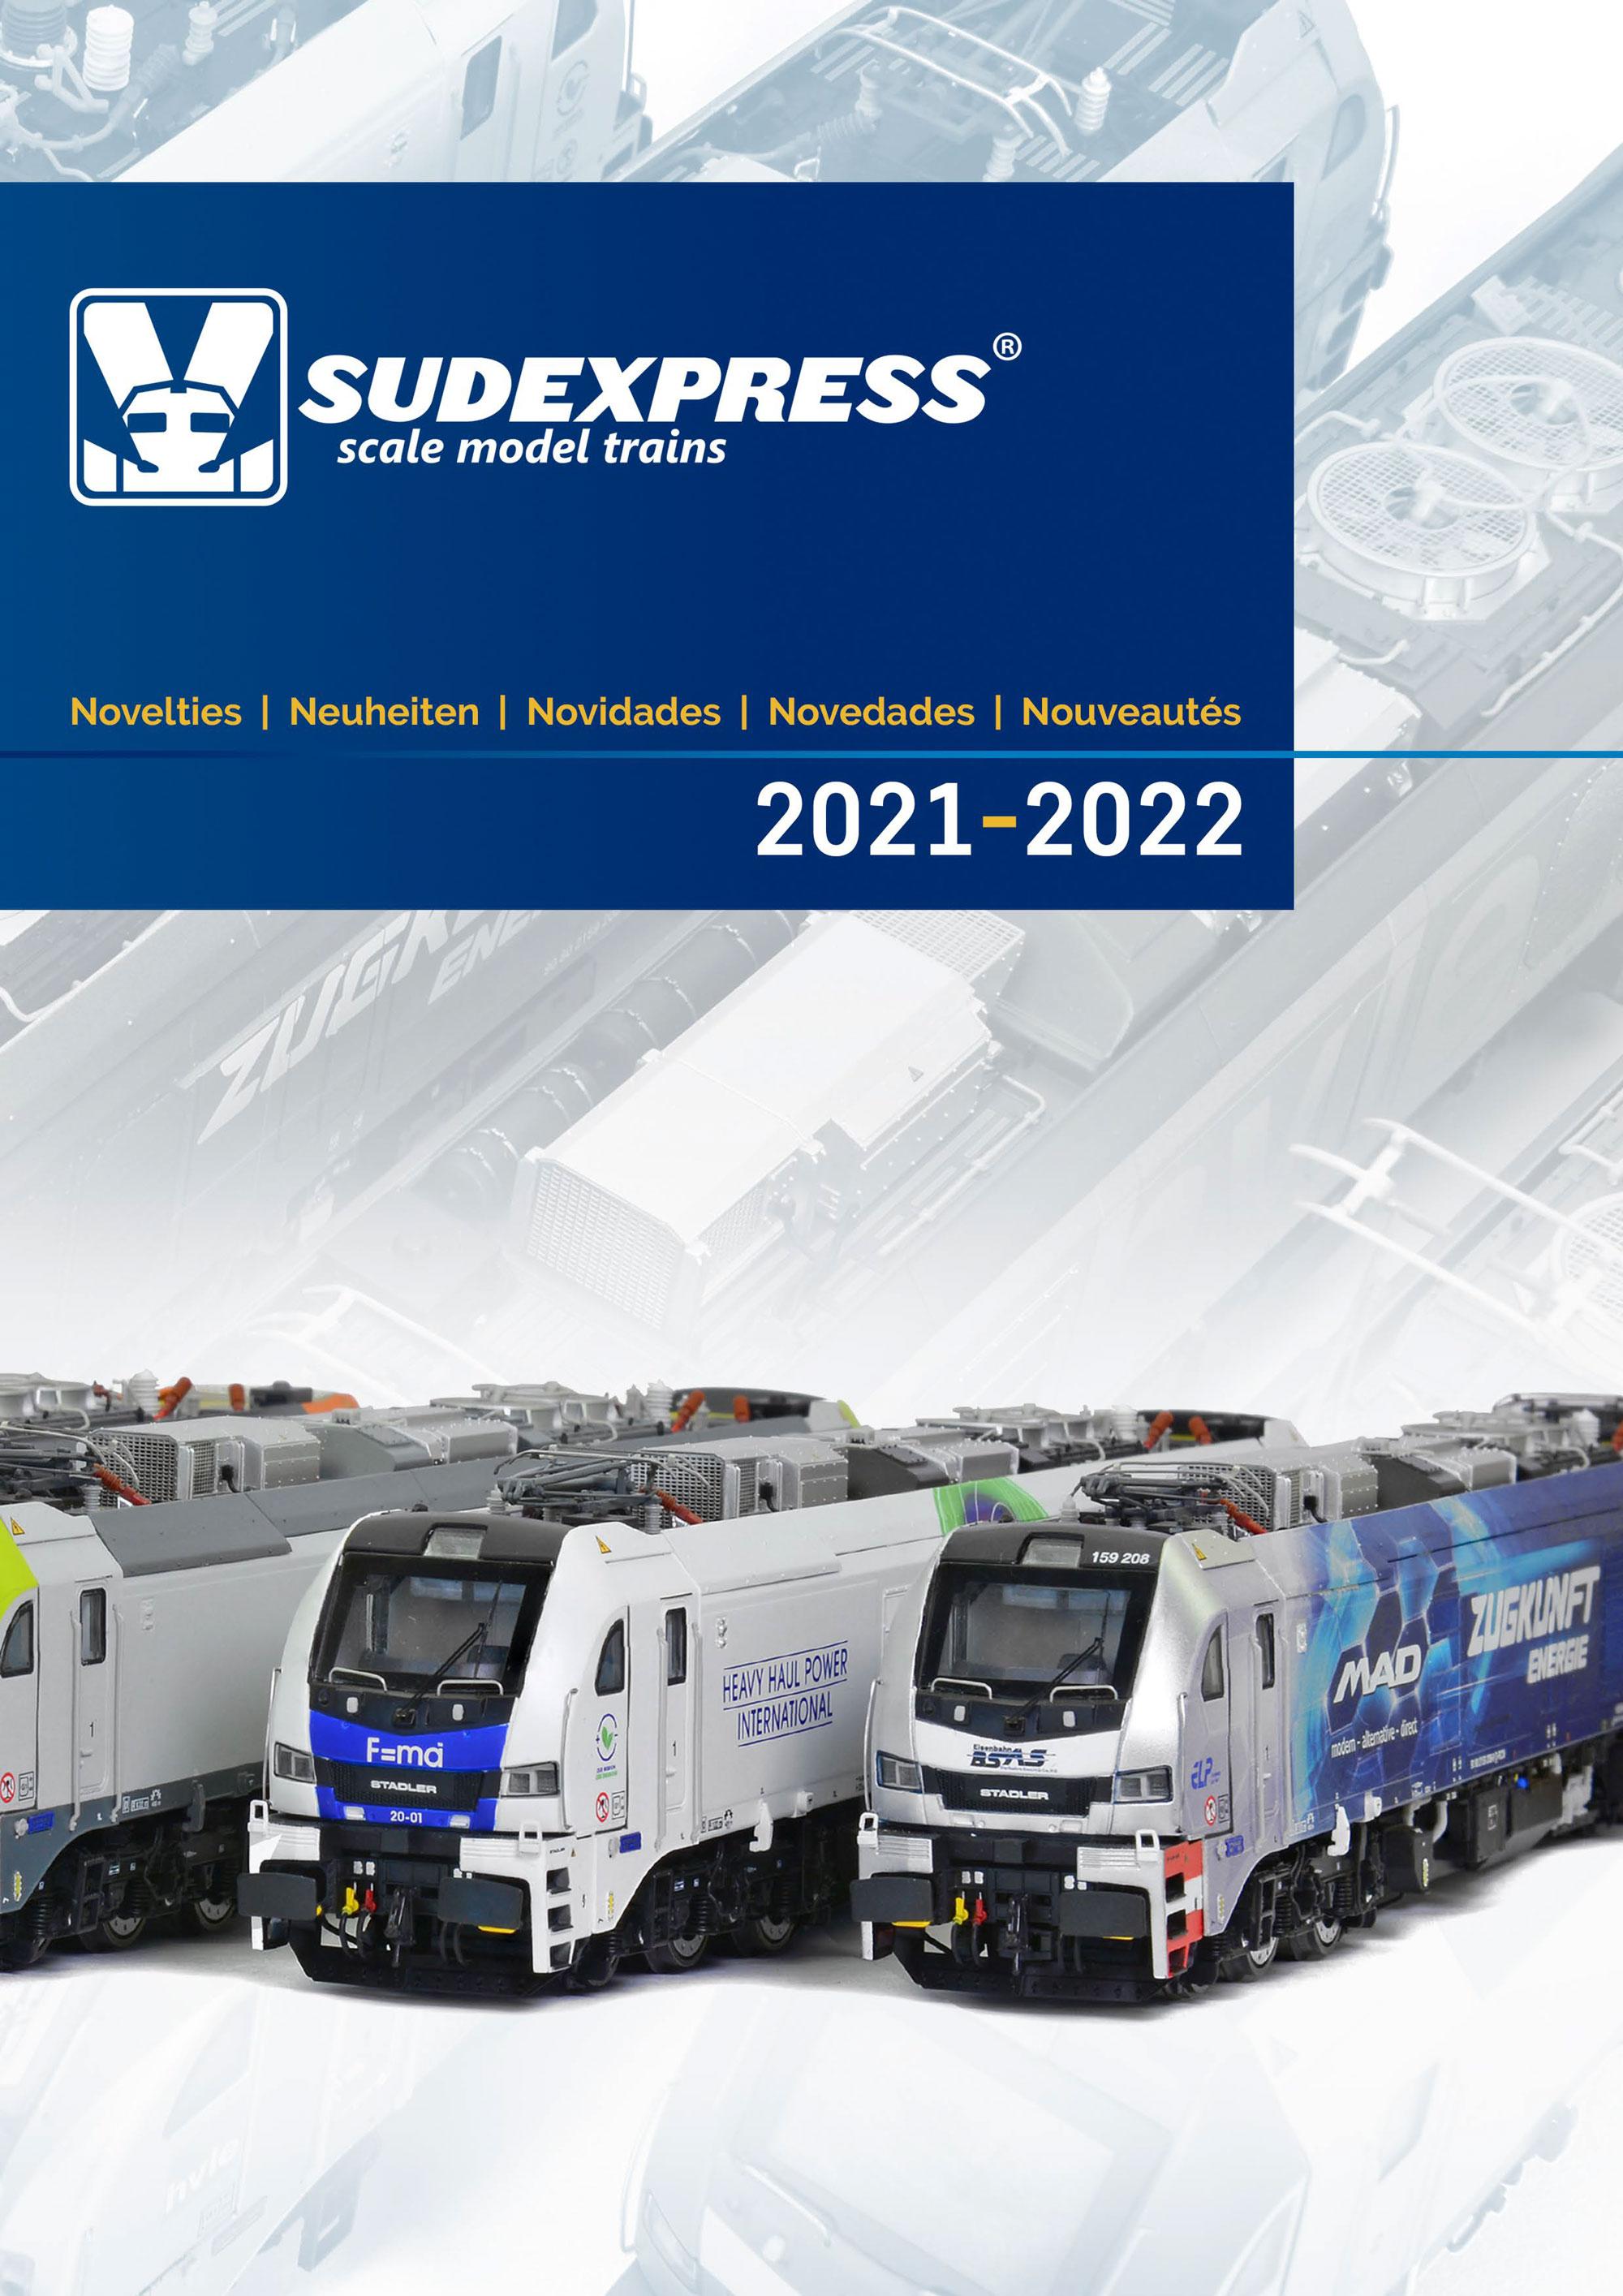 Sudexpress - Novelties 2021 - 2022